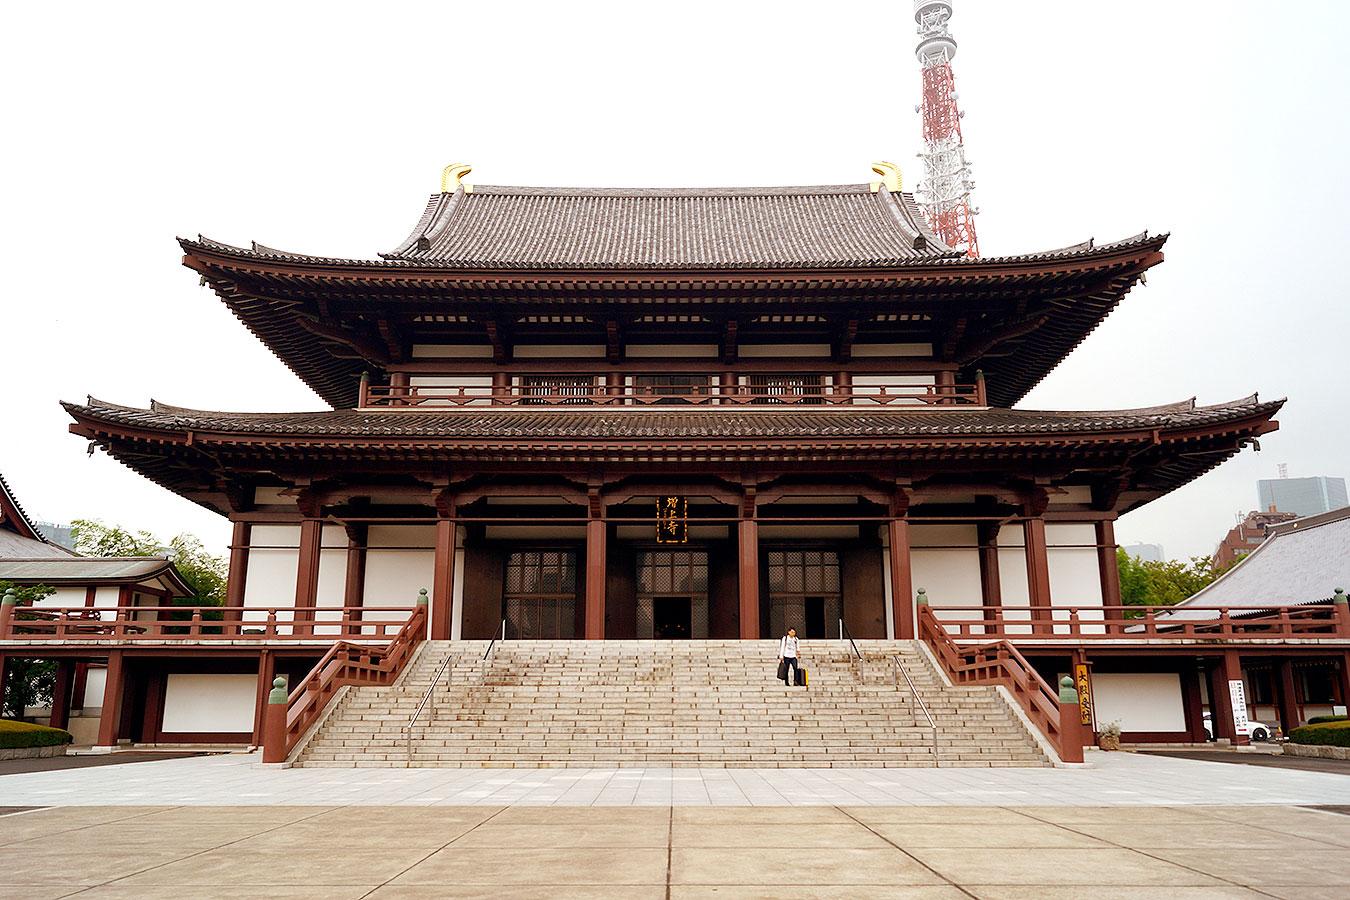 zojoji, zojoji templi, tempio zojoji, tokyo, tempio tokyo, tokyo temple, japan italy bridge